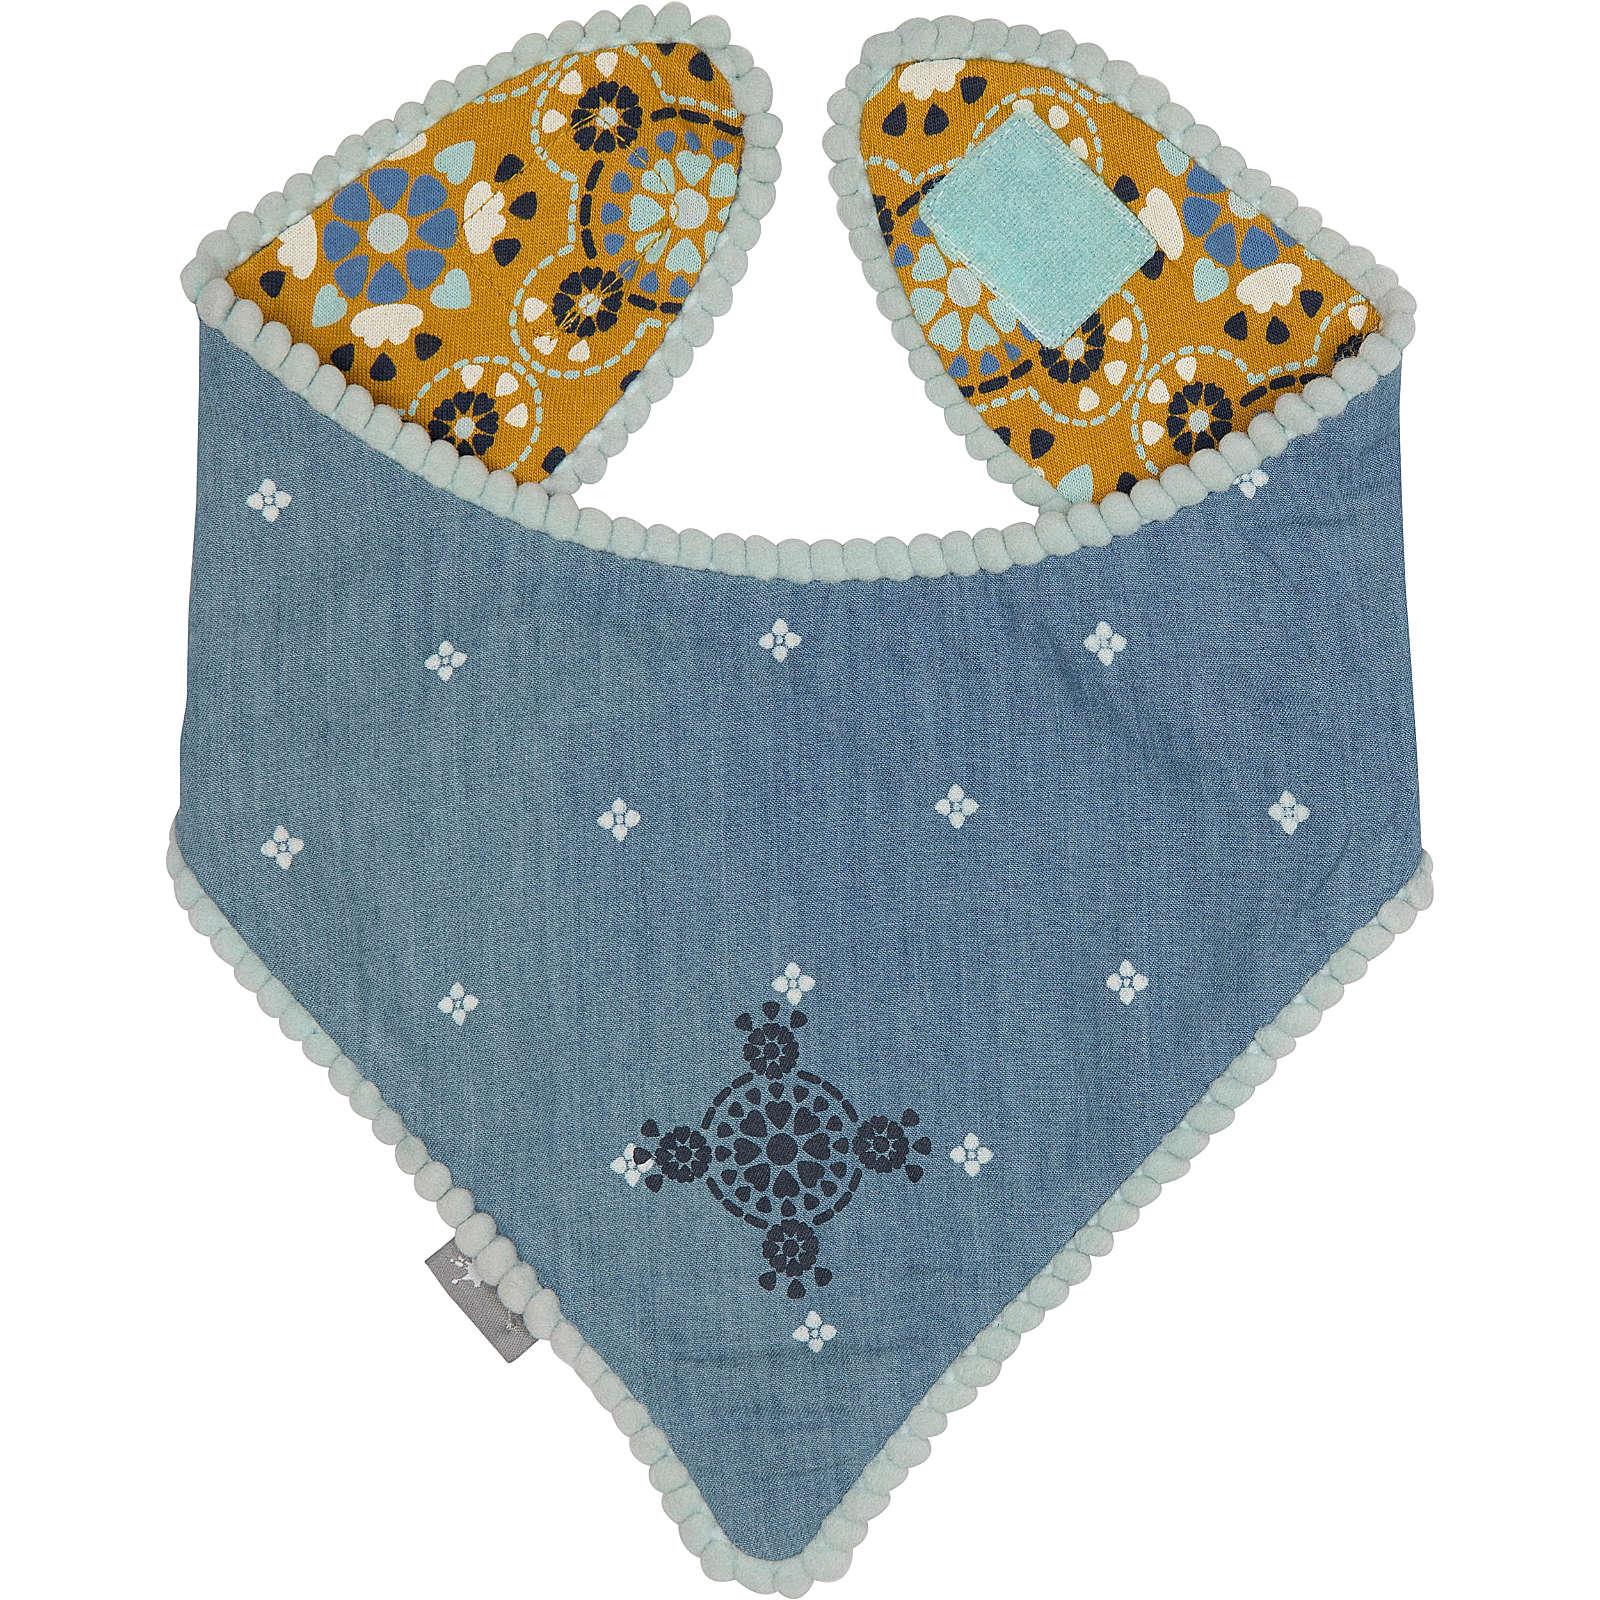 Wendehalstuch SUMMER DAY von sigikid für Mädchen, Organic Cotton blau/gelb Mädchen Gr. one size